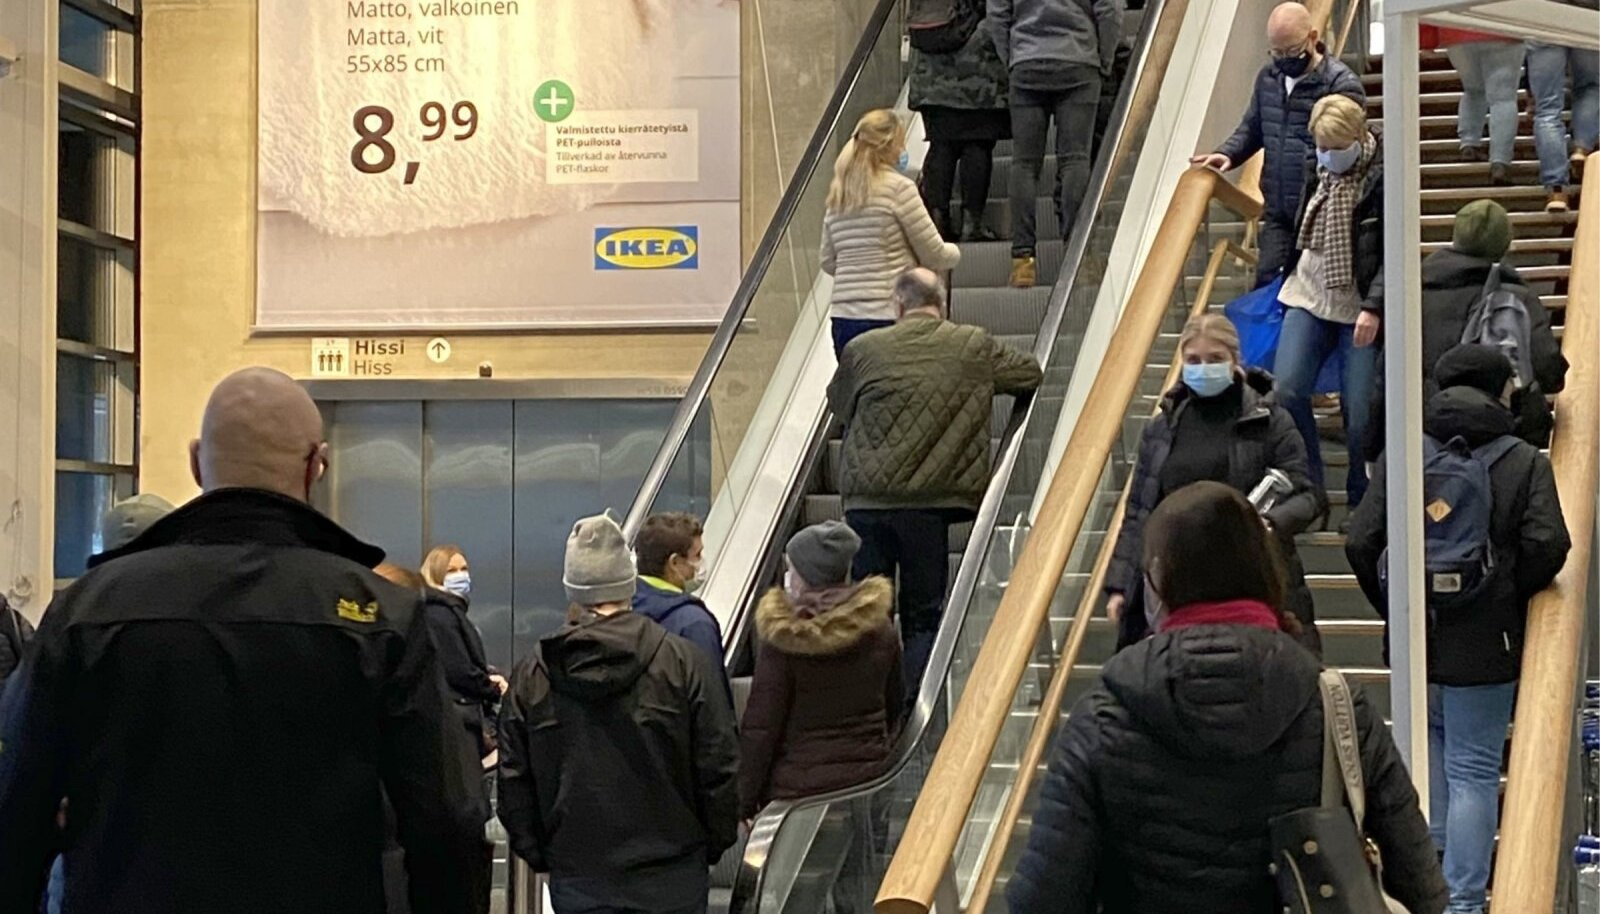 Pühapäeval polnud Soomes Vantaa Ikea kaubamajas näha mingisugust distantsihoidmist.